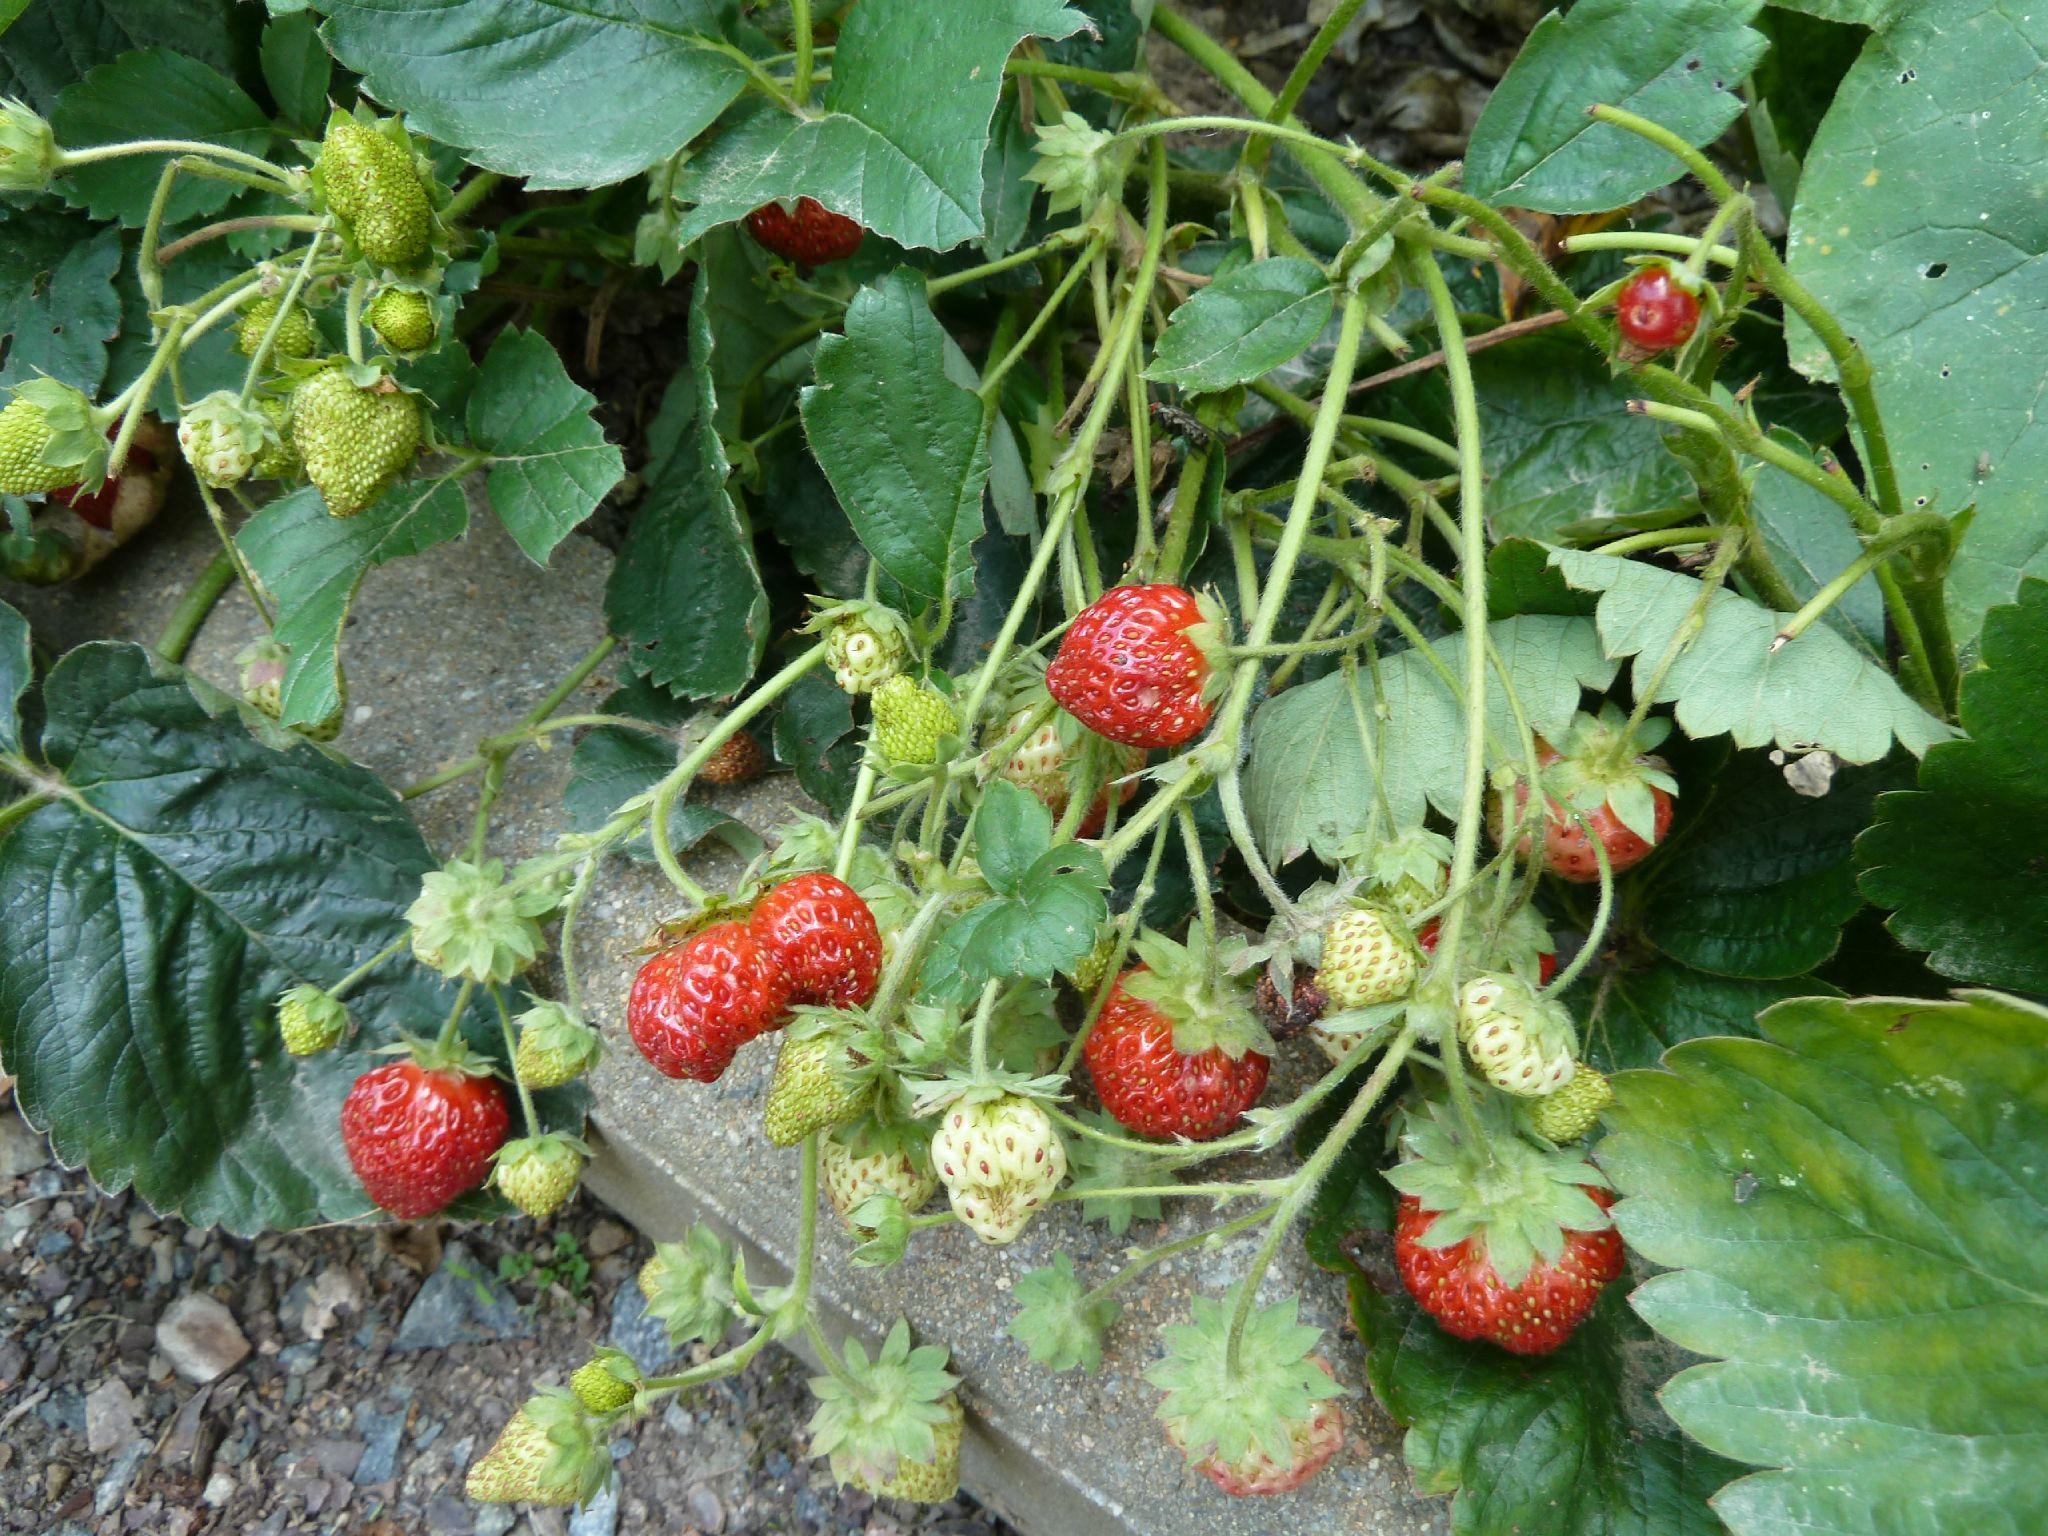 fraisiers en septembre - www.passionpotager.canalblog.com